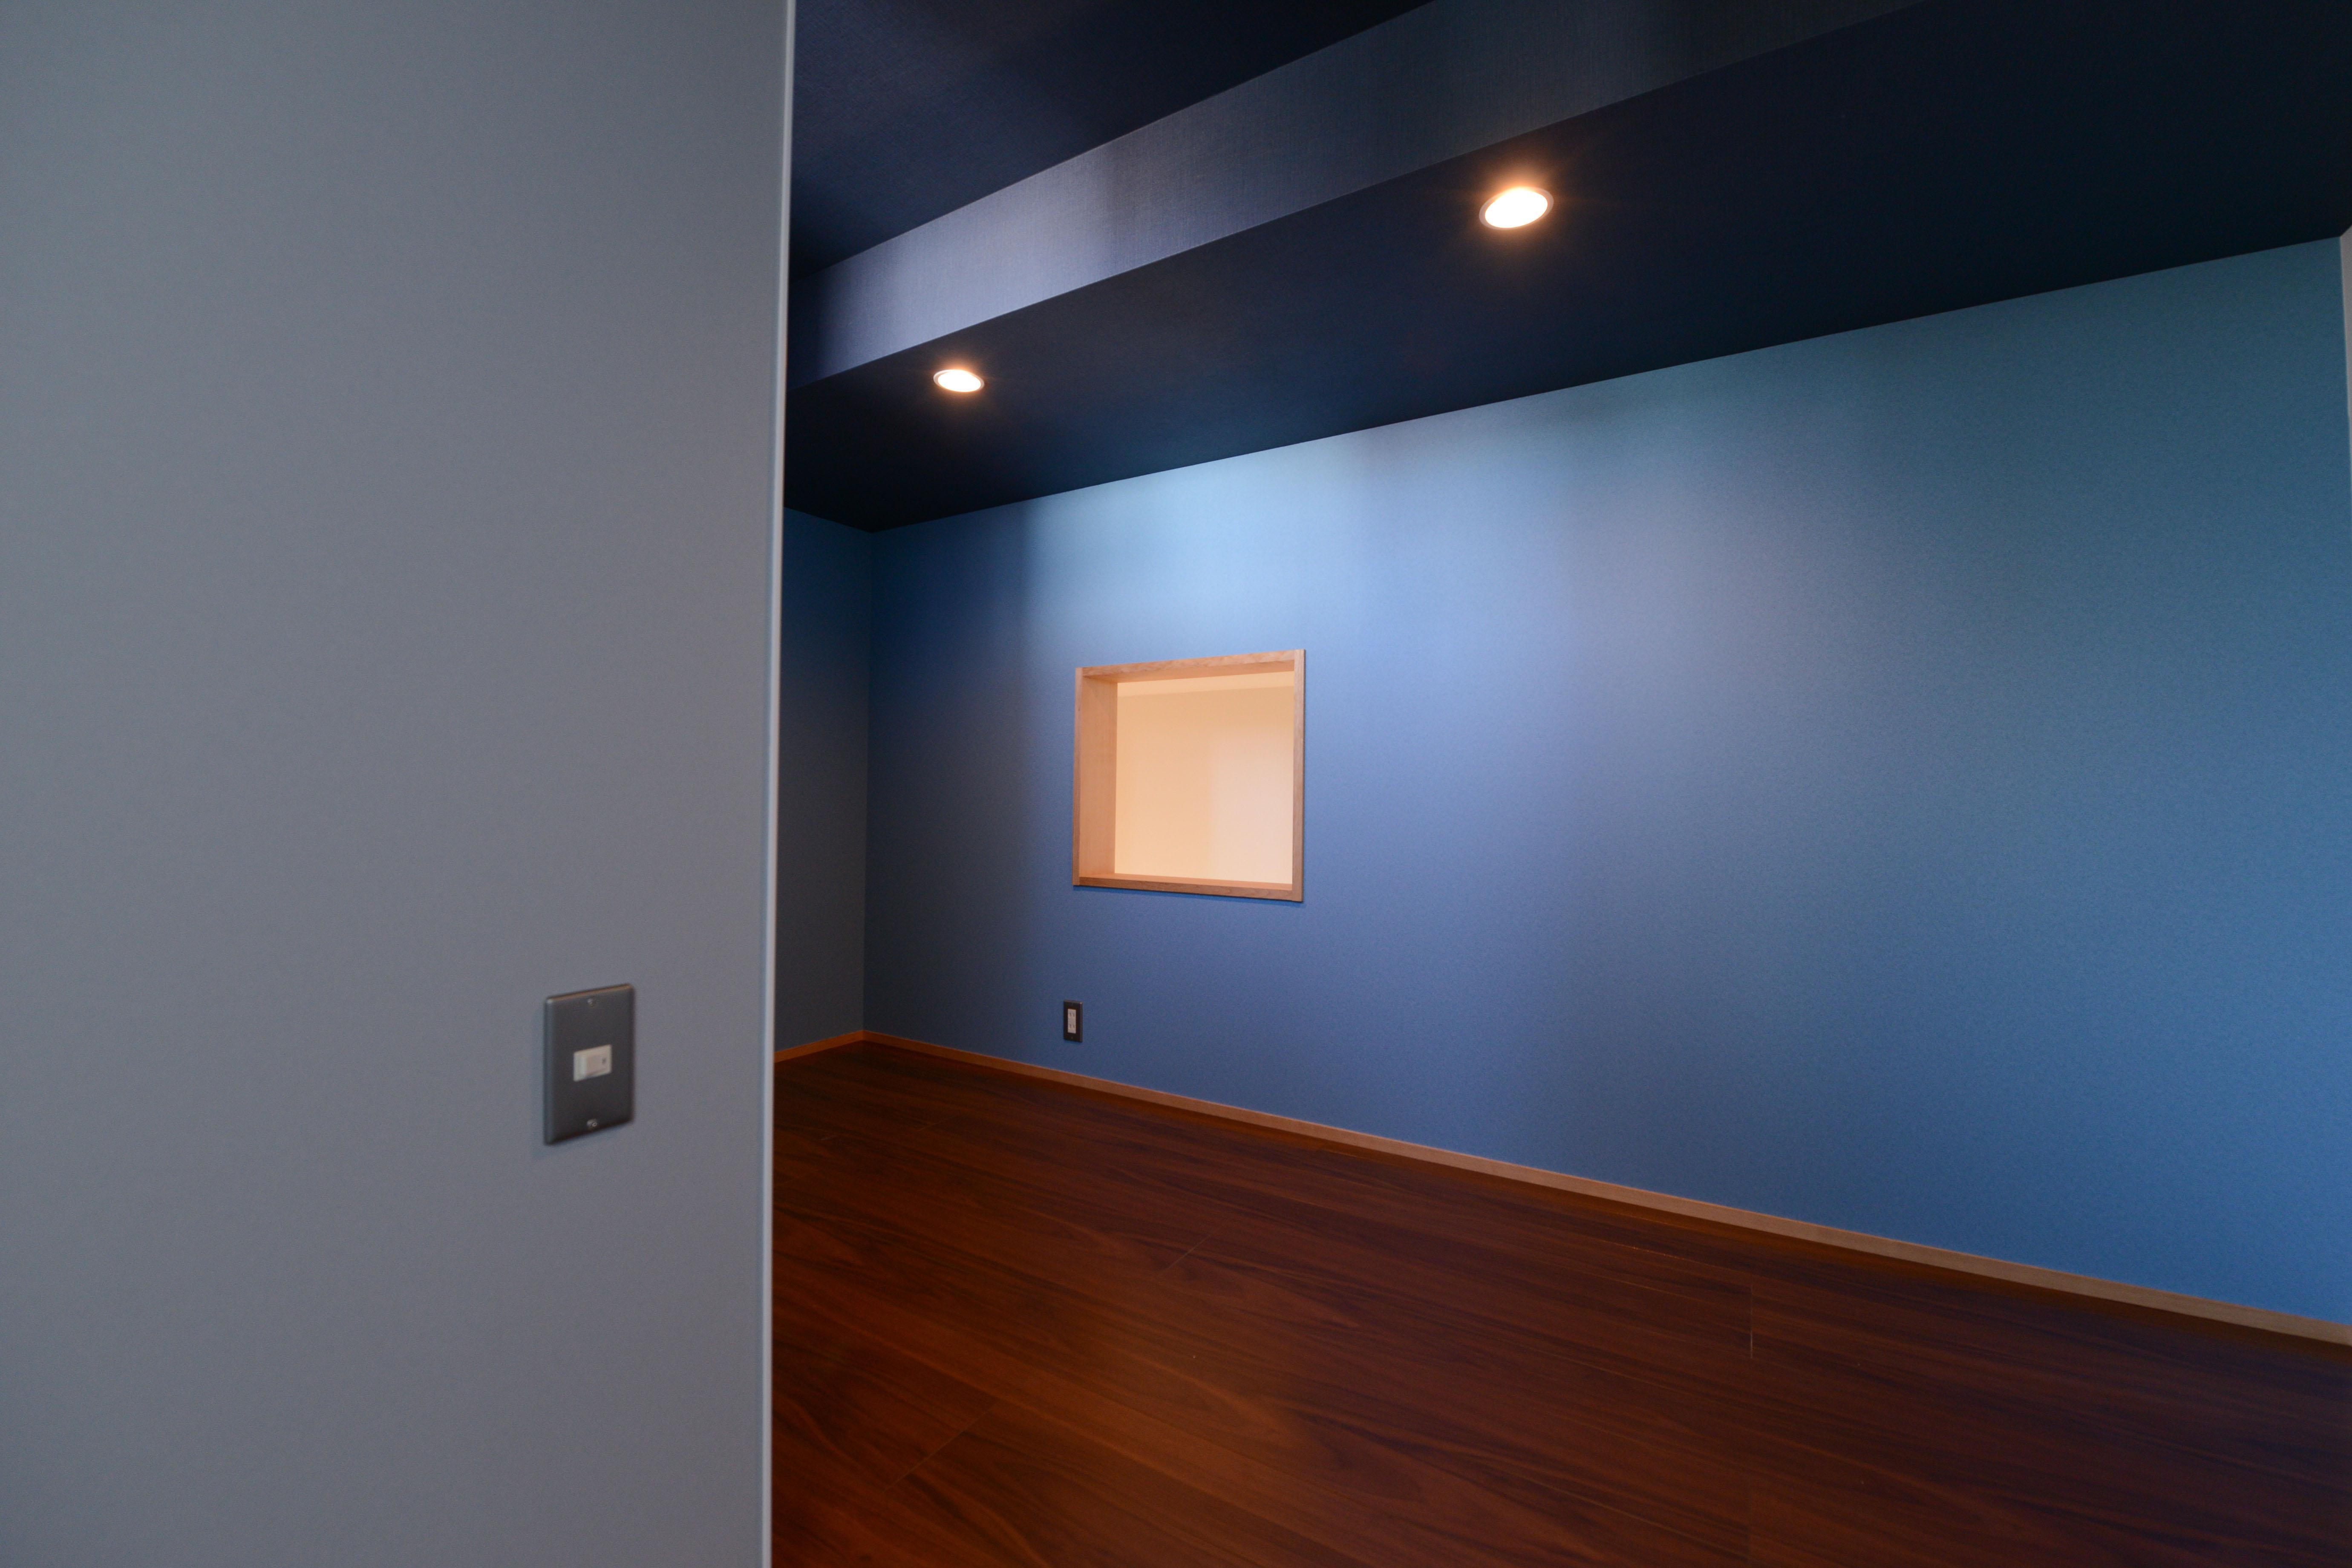 豊田市の家2の部屋 ブルーの壁紙が目を引く洋室